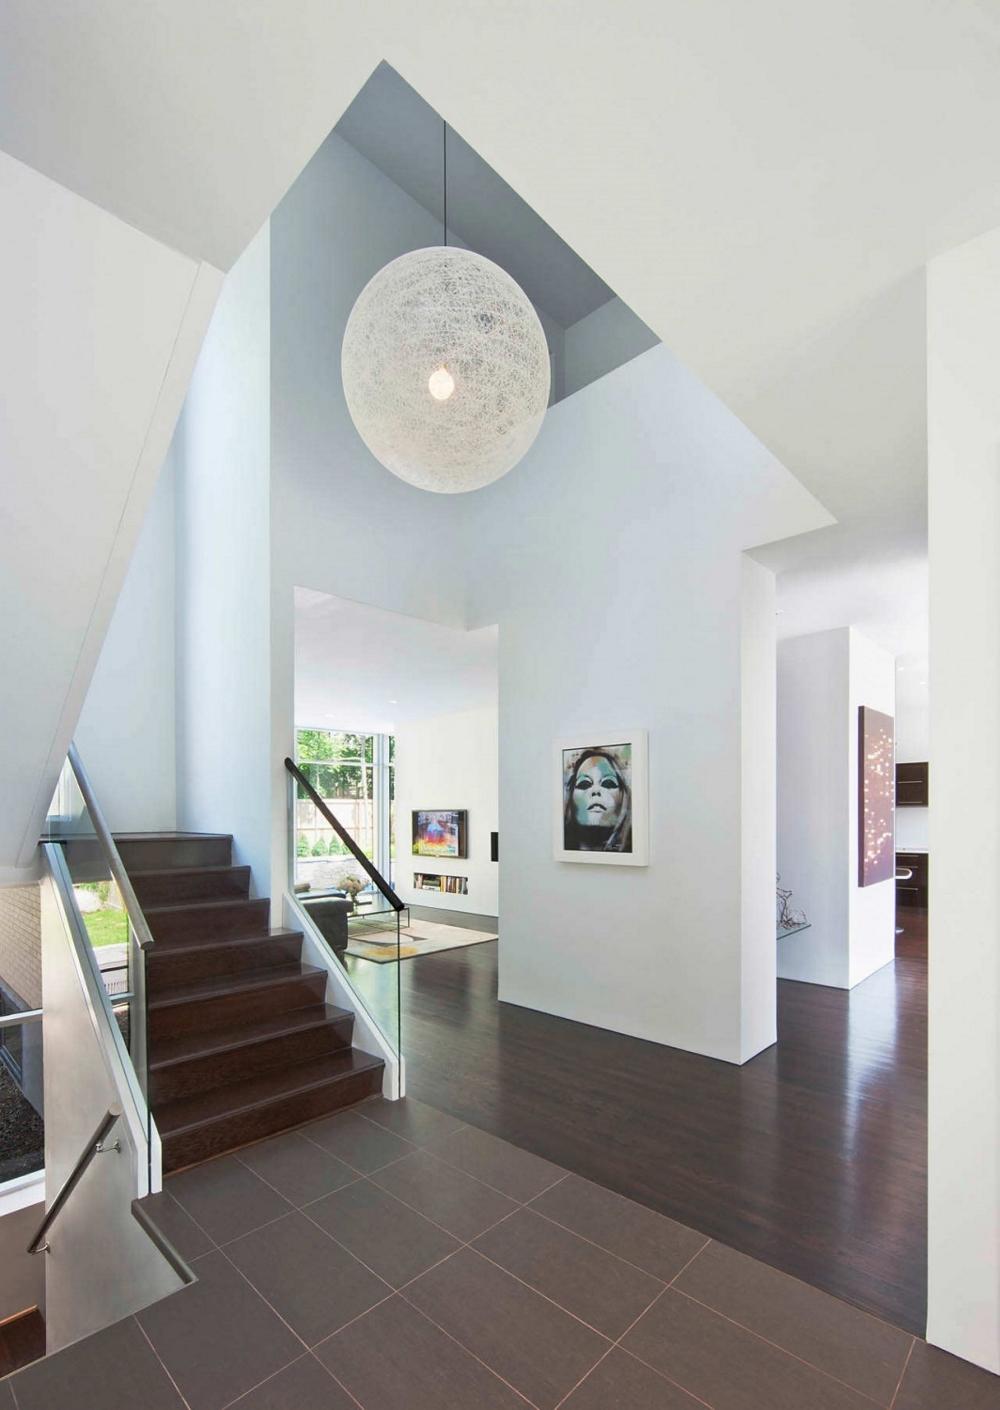 Къща-с-модерна-архитектура-и-минималистичен-интериор-творческа-атмосфера